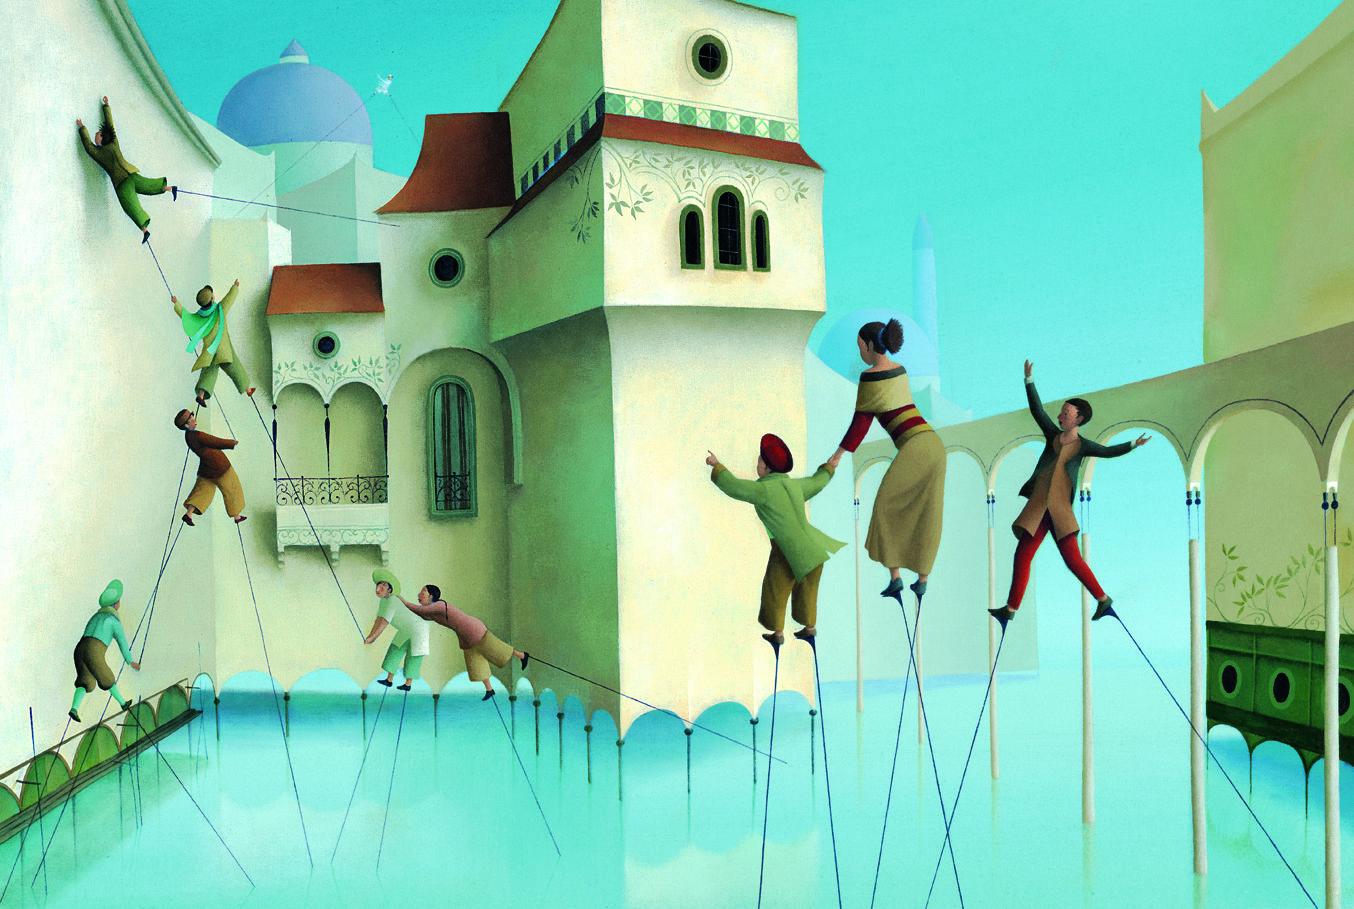 Éric Puybaret es el autor de este álbum ilustrado editado por la editorial de literatura infantil y juvenil Edelvives. Un cuento en el que los personajes tienen que utilizar unos zancos rojos para desplazarse por su ciudad, construida sobre el agua.